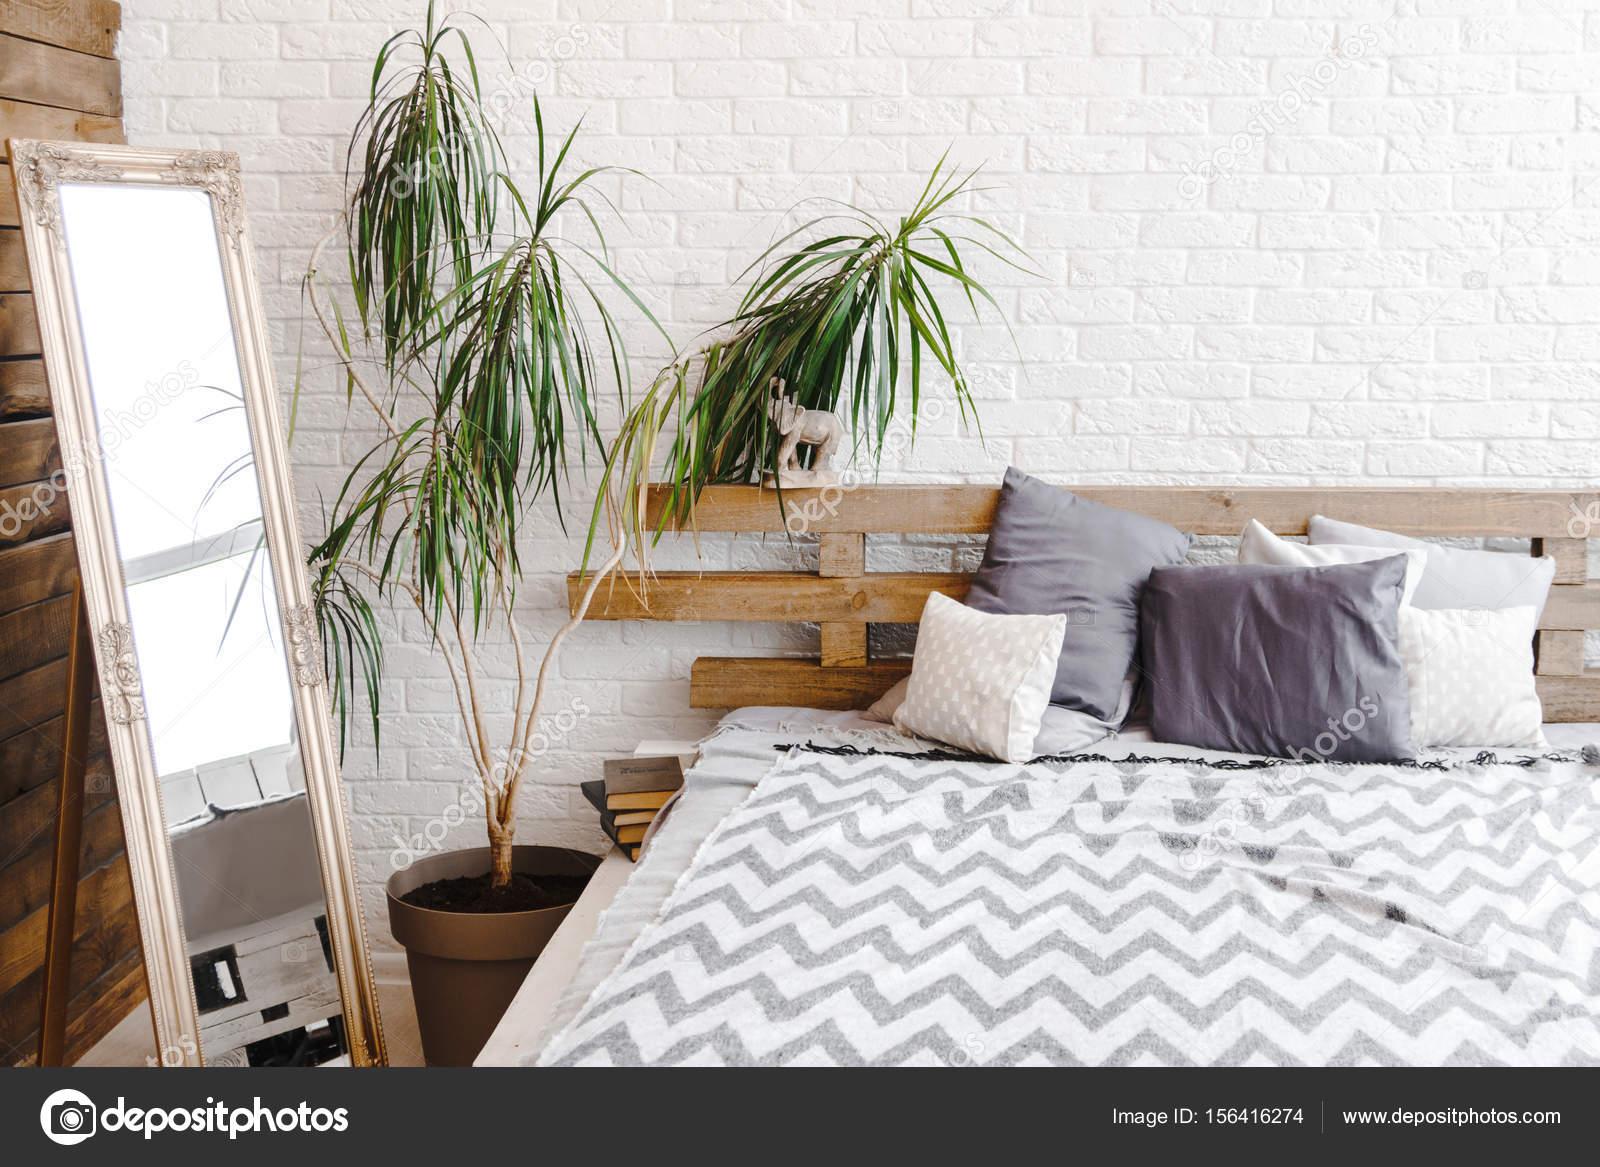 Letto Di Pallets : Decori moderni monolocali con letto di pallet pianta in vaso e